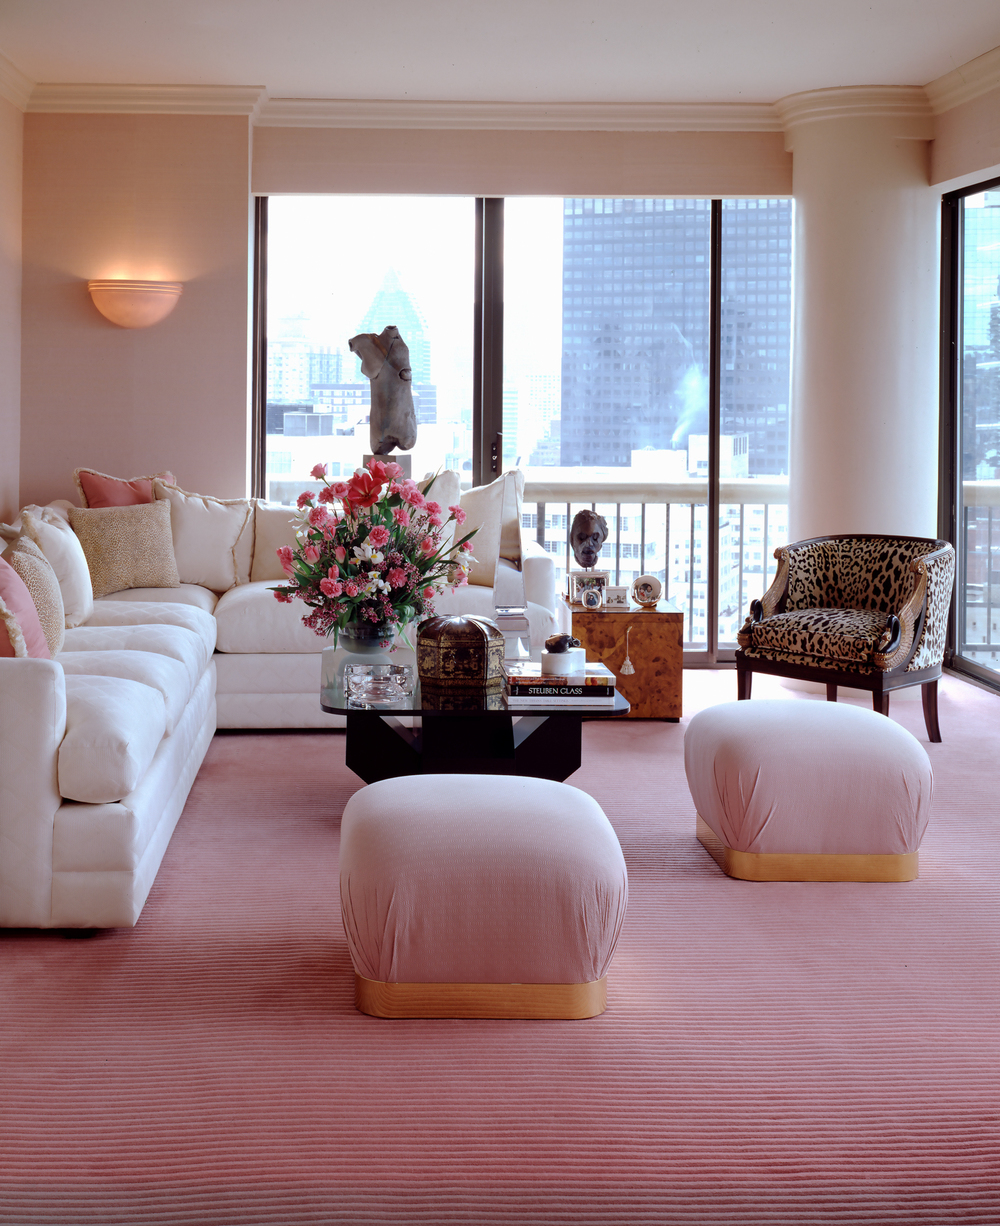 pinkLivingroom copy.jpg